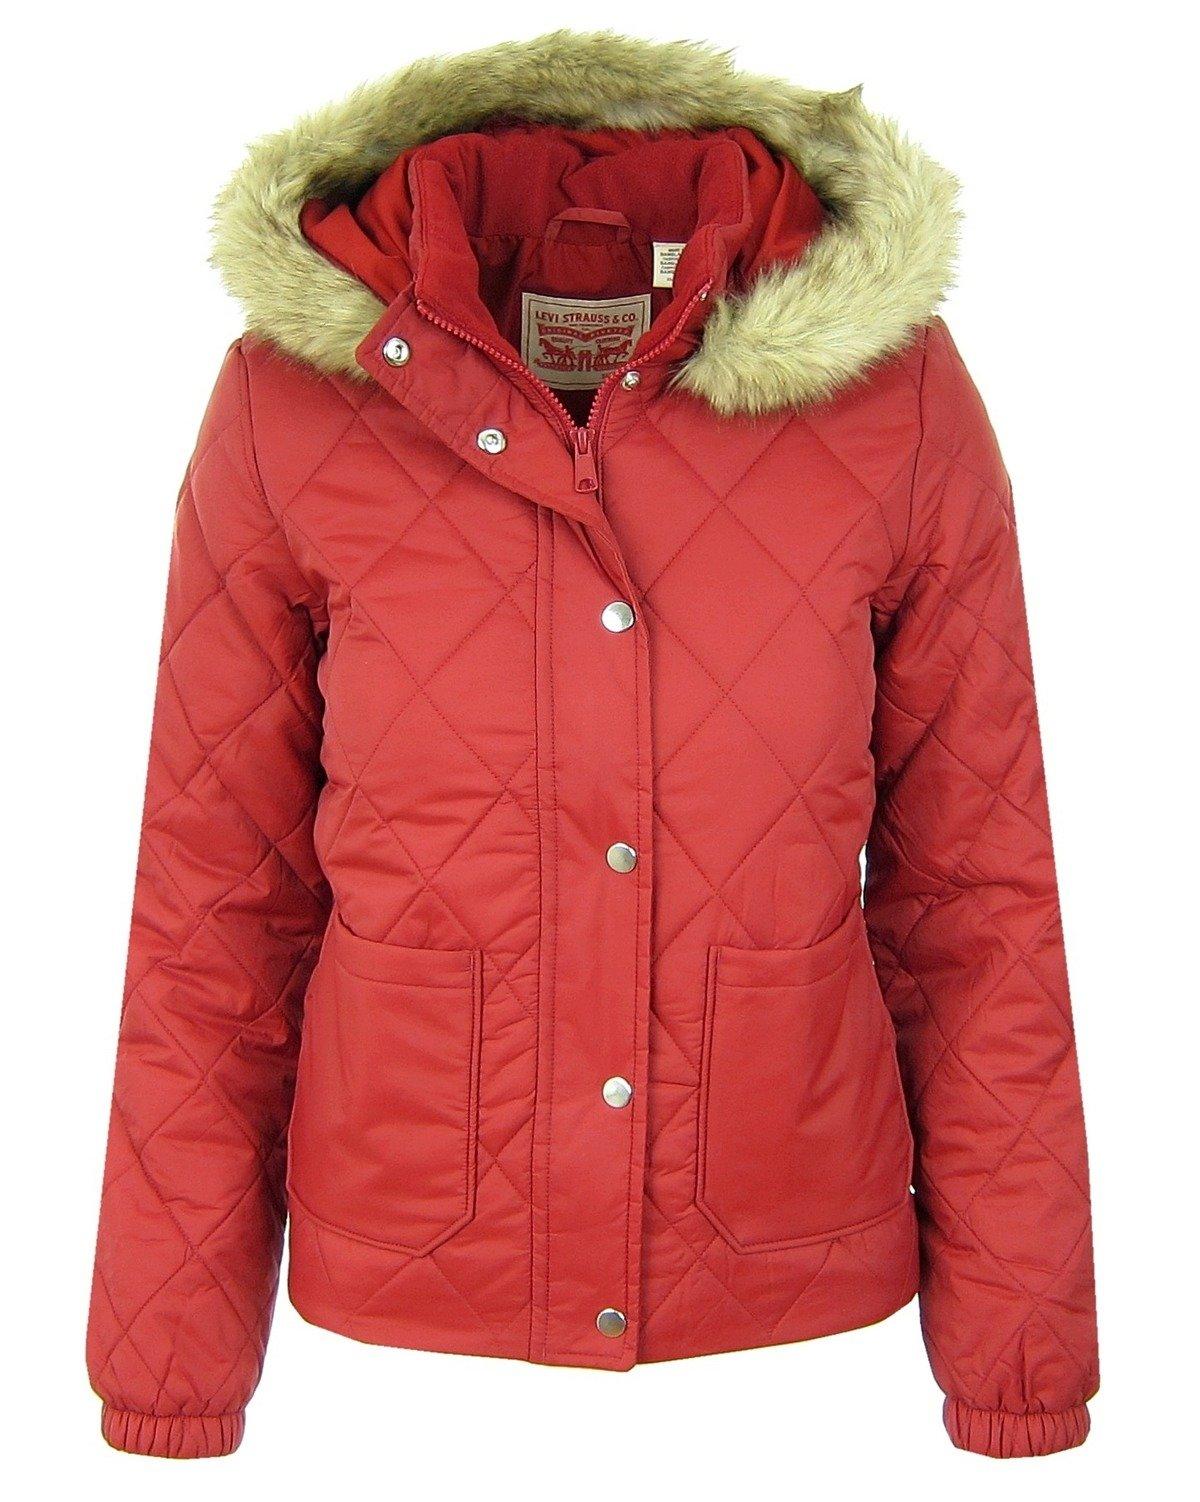 Puffer Jacke Red Jacket Poly Women Rot Steppjacke Damen Levis Vera IED9YWHe2